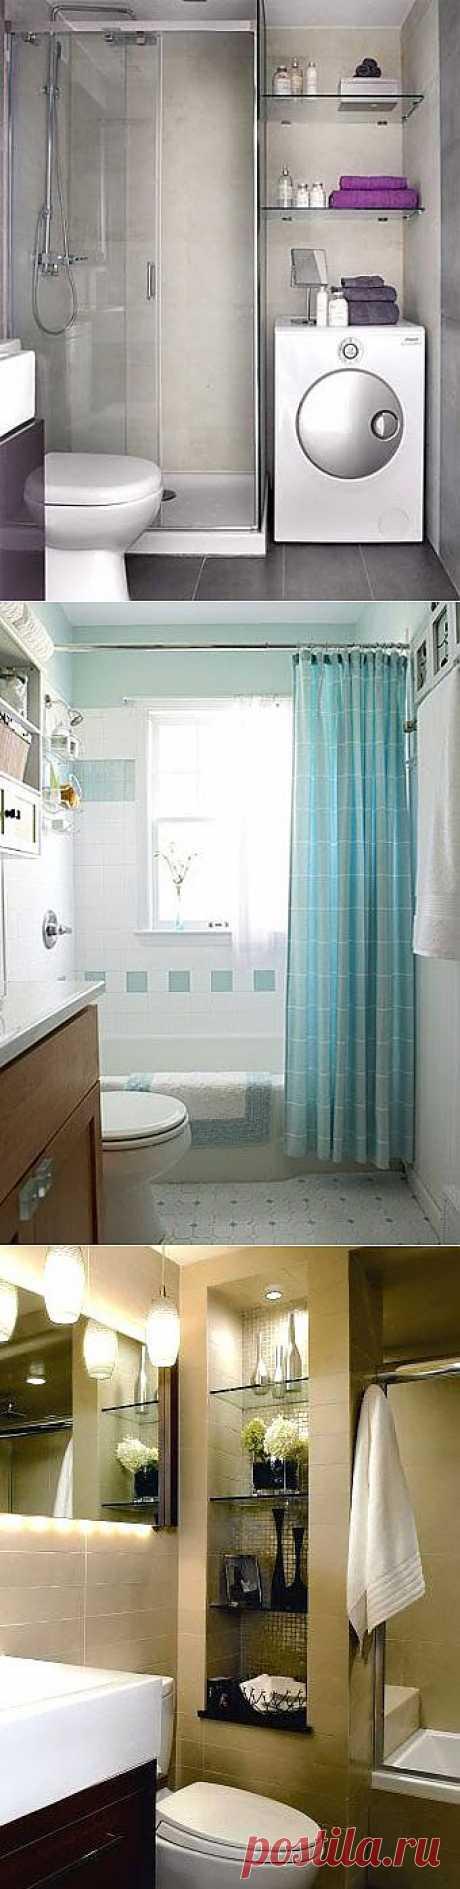 19 способов зрительно увеличить ванную комнату: местное освещение, особенная покраска стен...